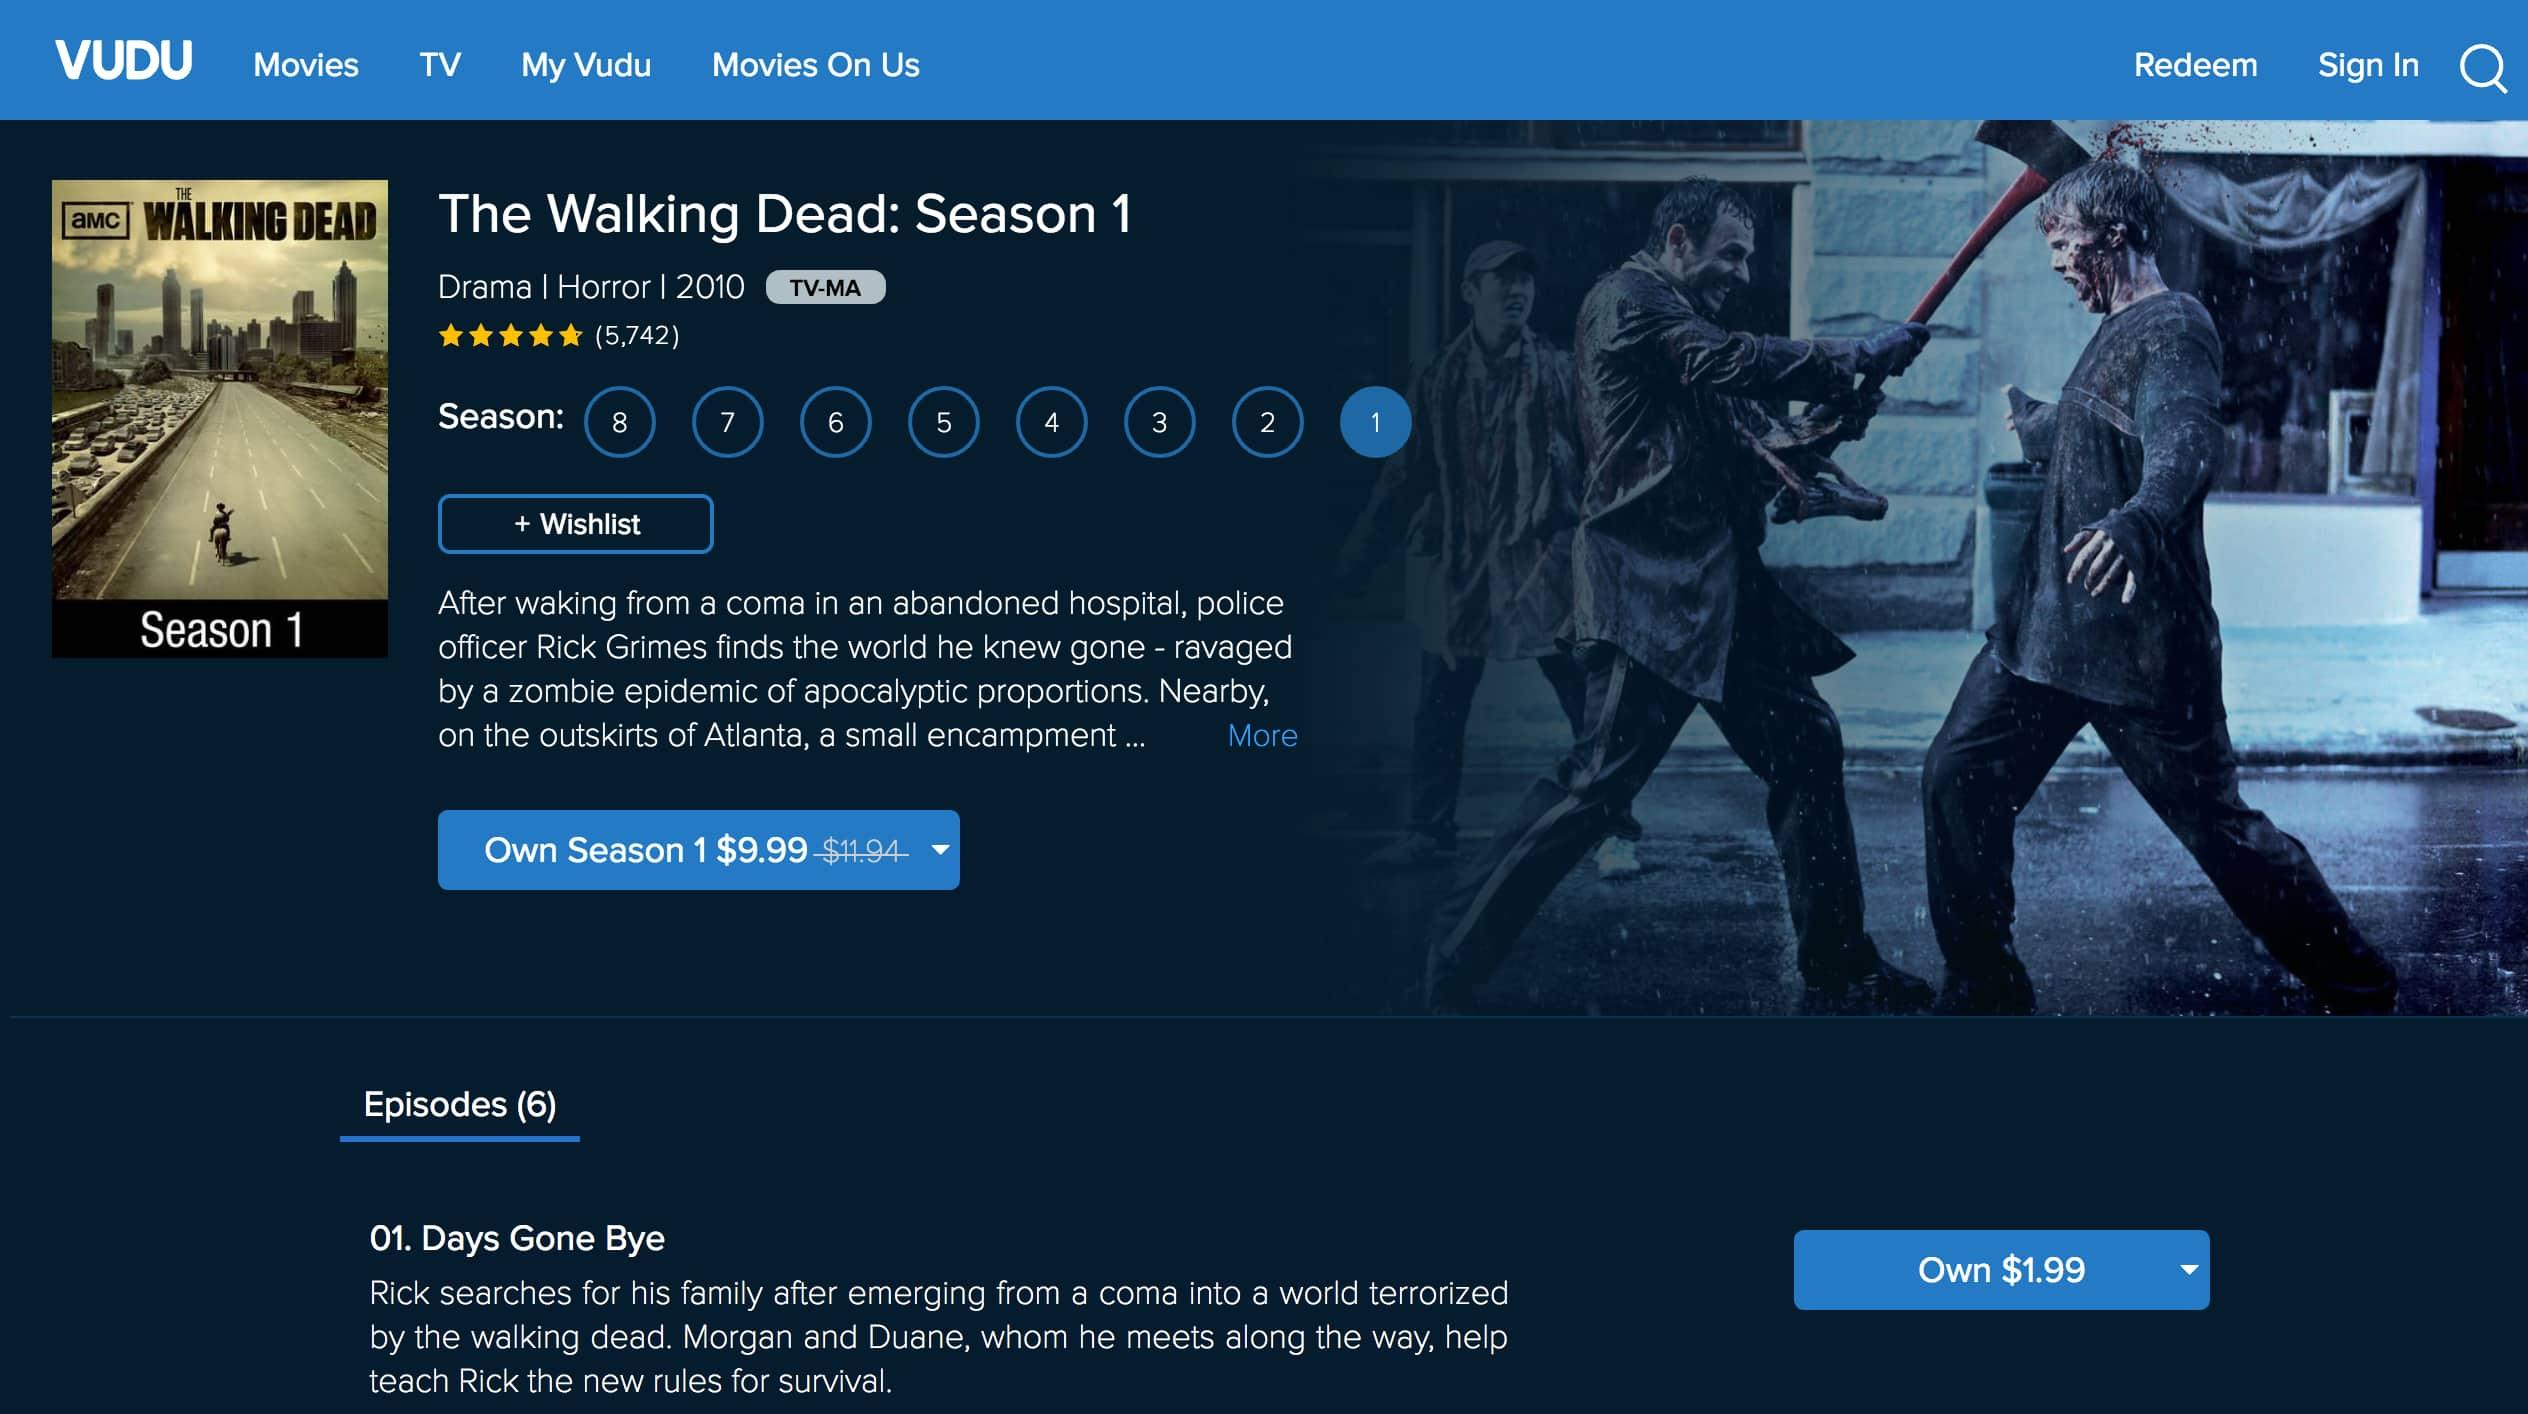 The Walking Dead on Vudu